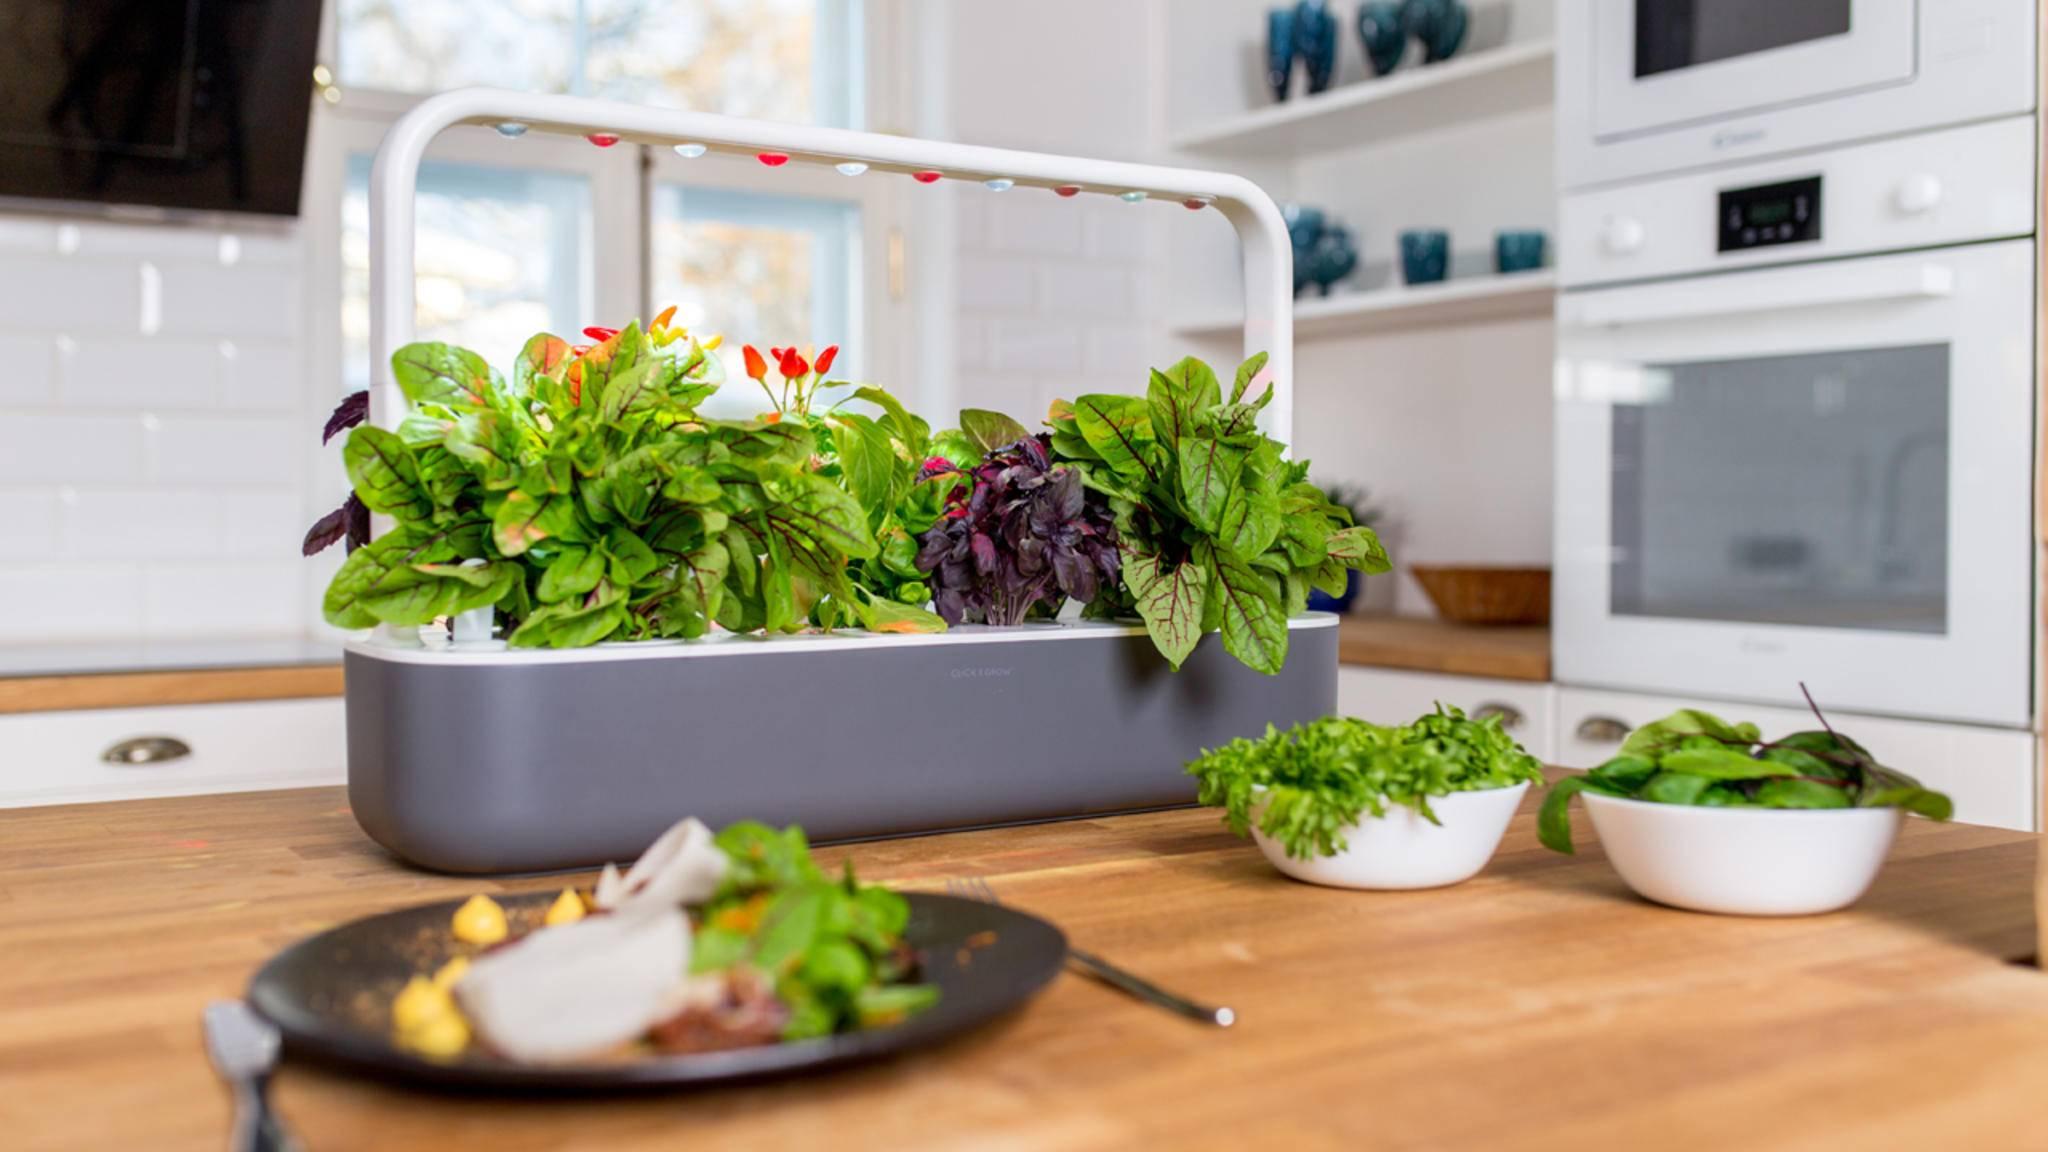 Grüne Fülle für Zuhause: Mit dem Smart Garden 9 wird Gärtnern zum Kinderspiel.